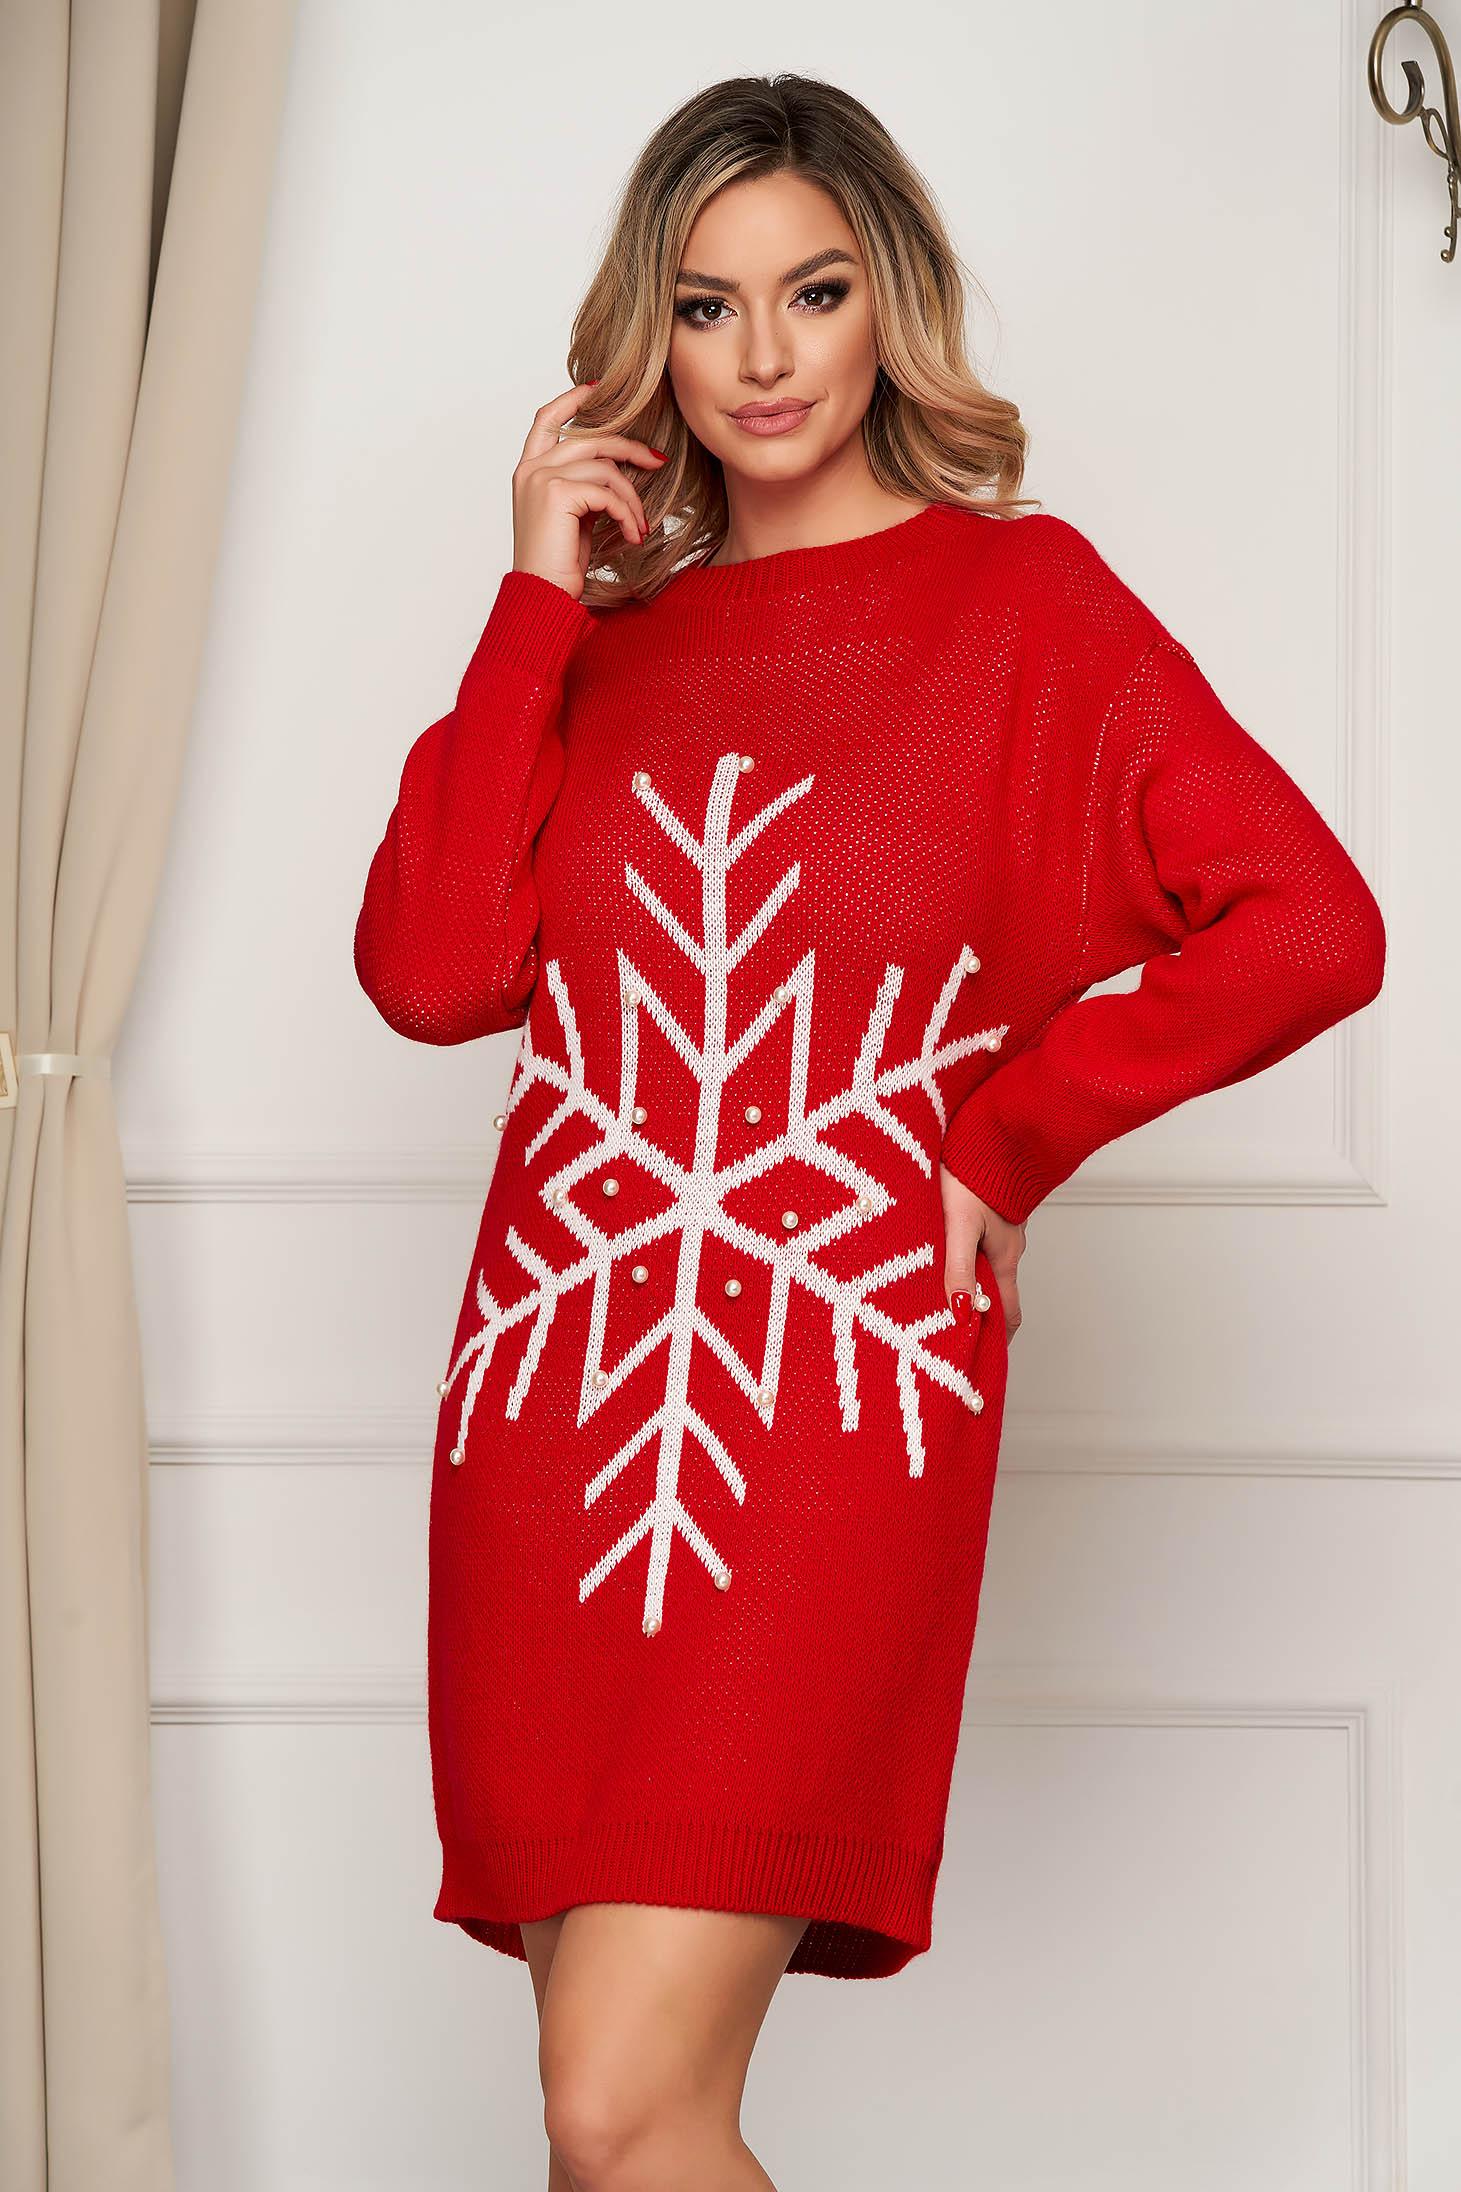 Rochie SunShine rosie din tricot elastic subtire cu aplicatii cu perle cu croi larg